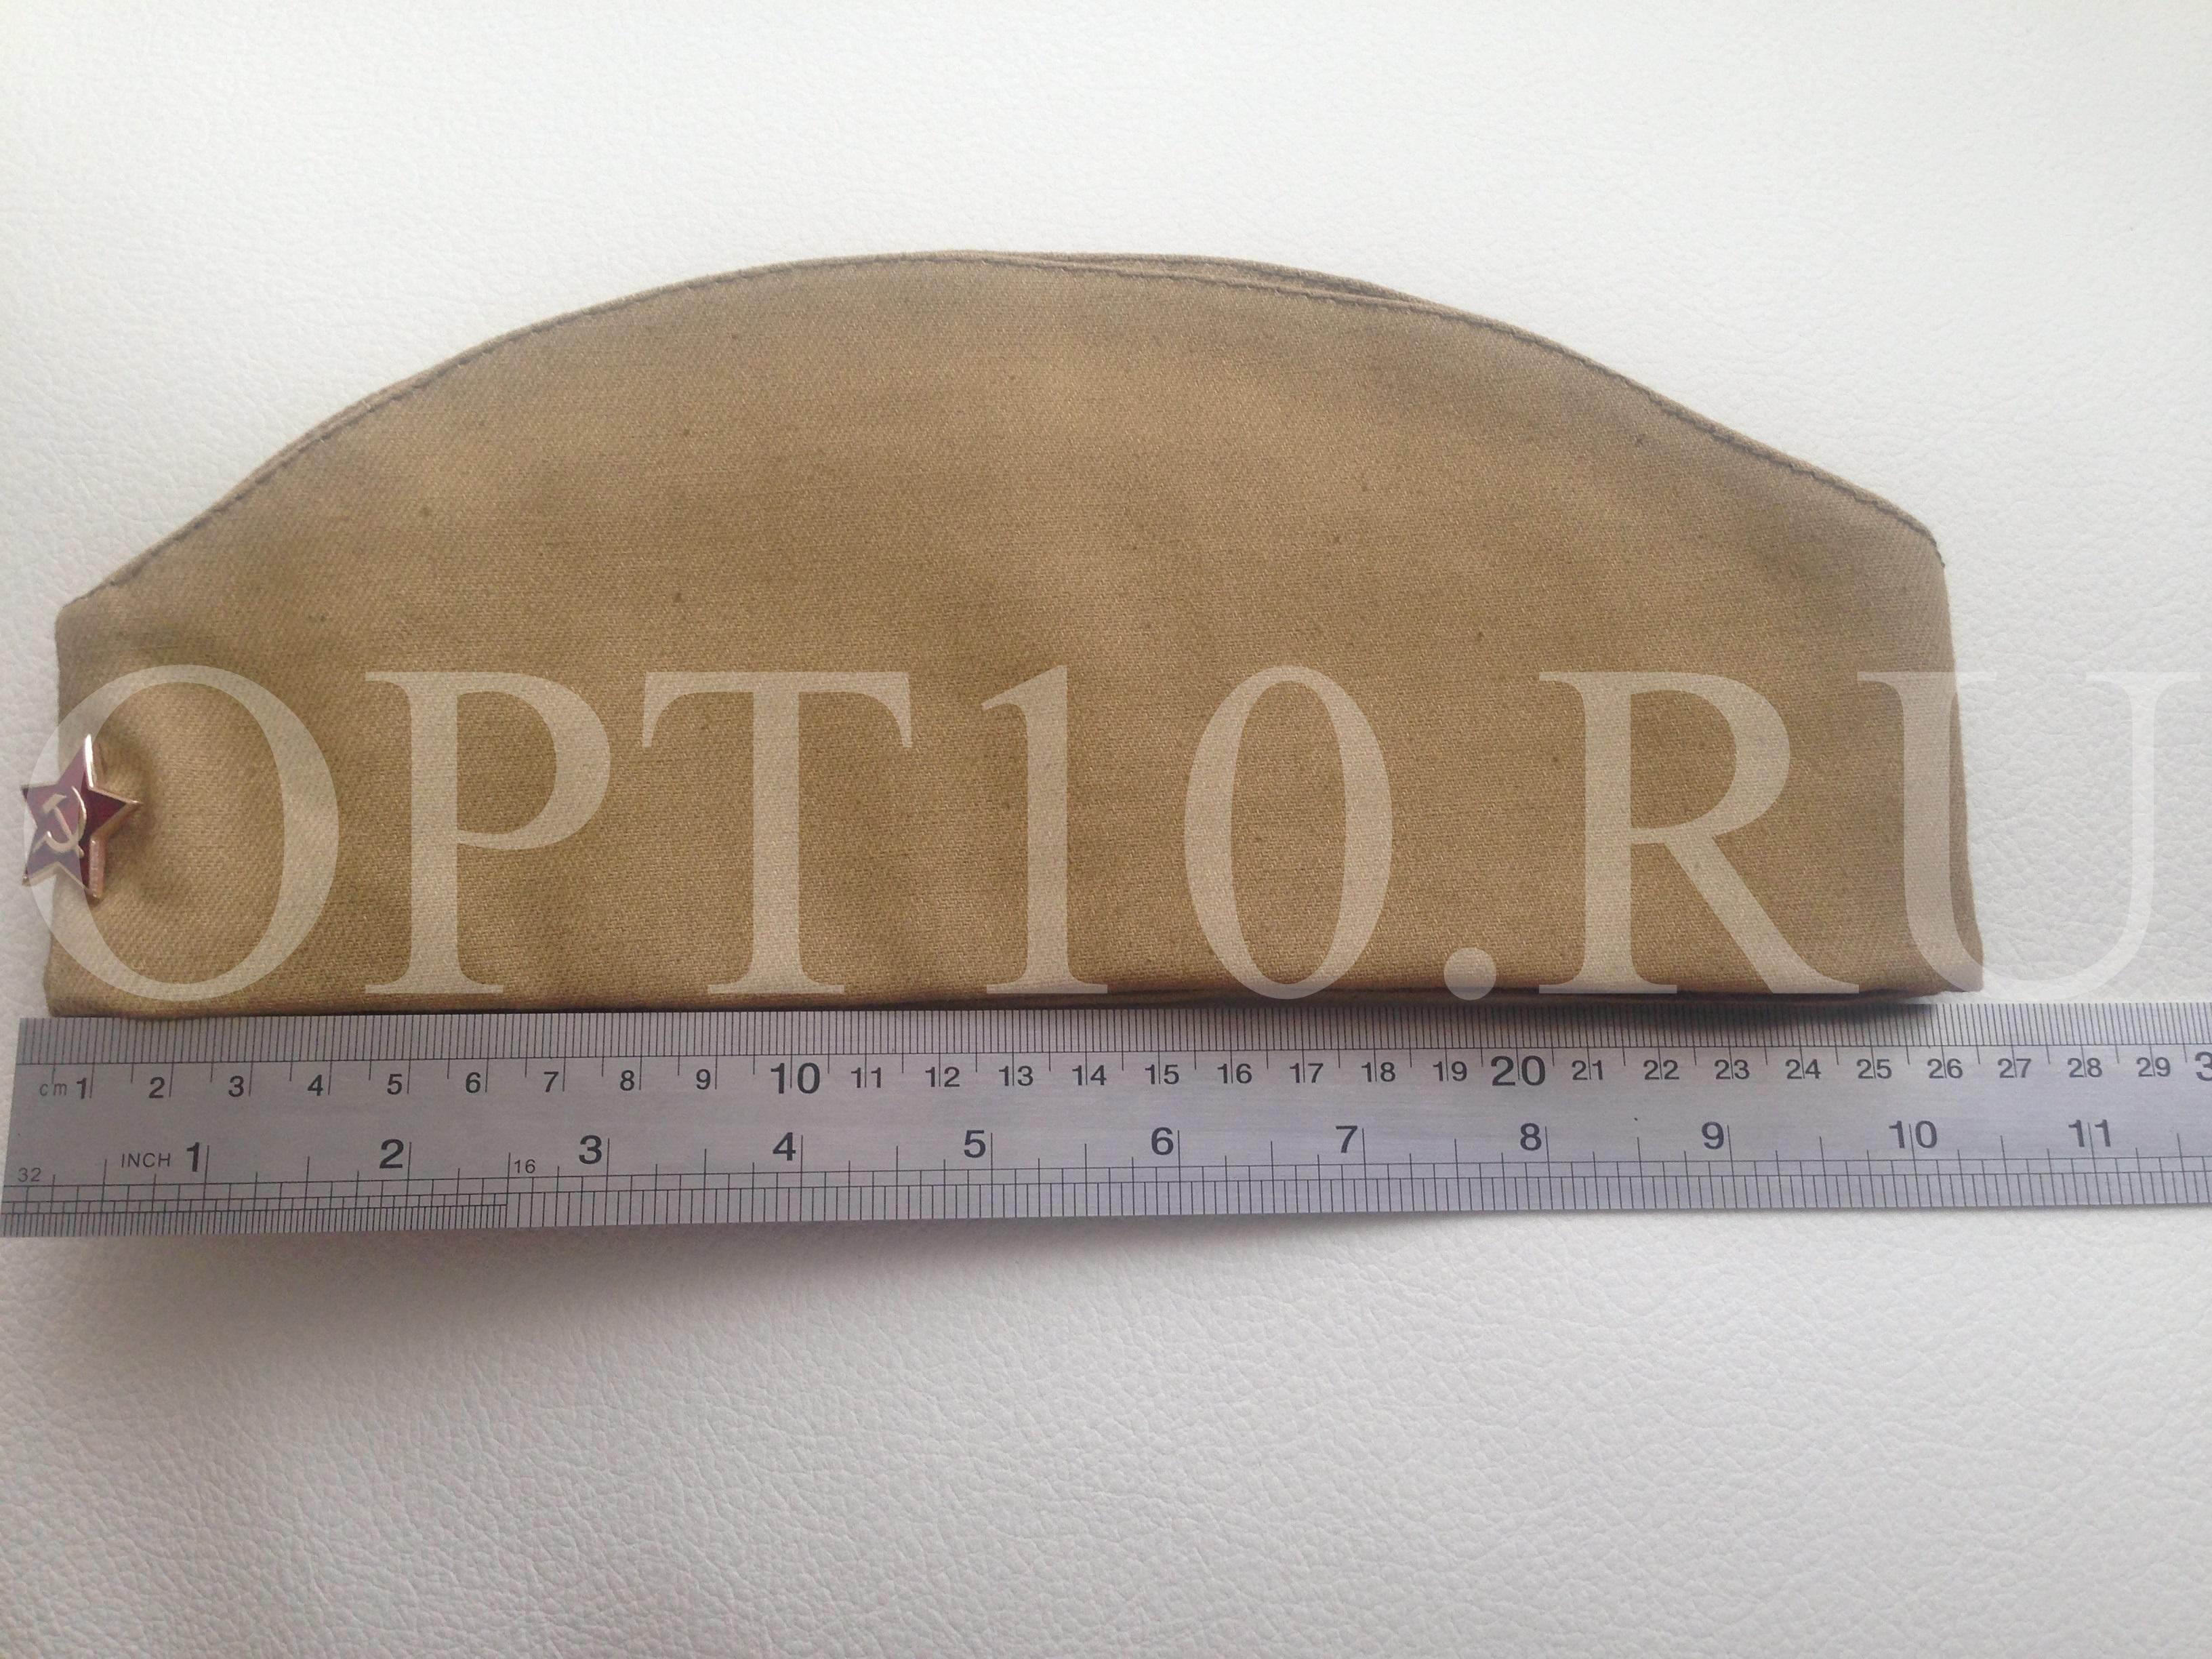 http://opt10.ru/images/upload/image-12-04-16-11-34-3.jpg